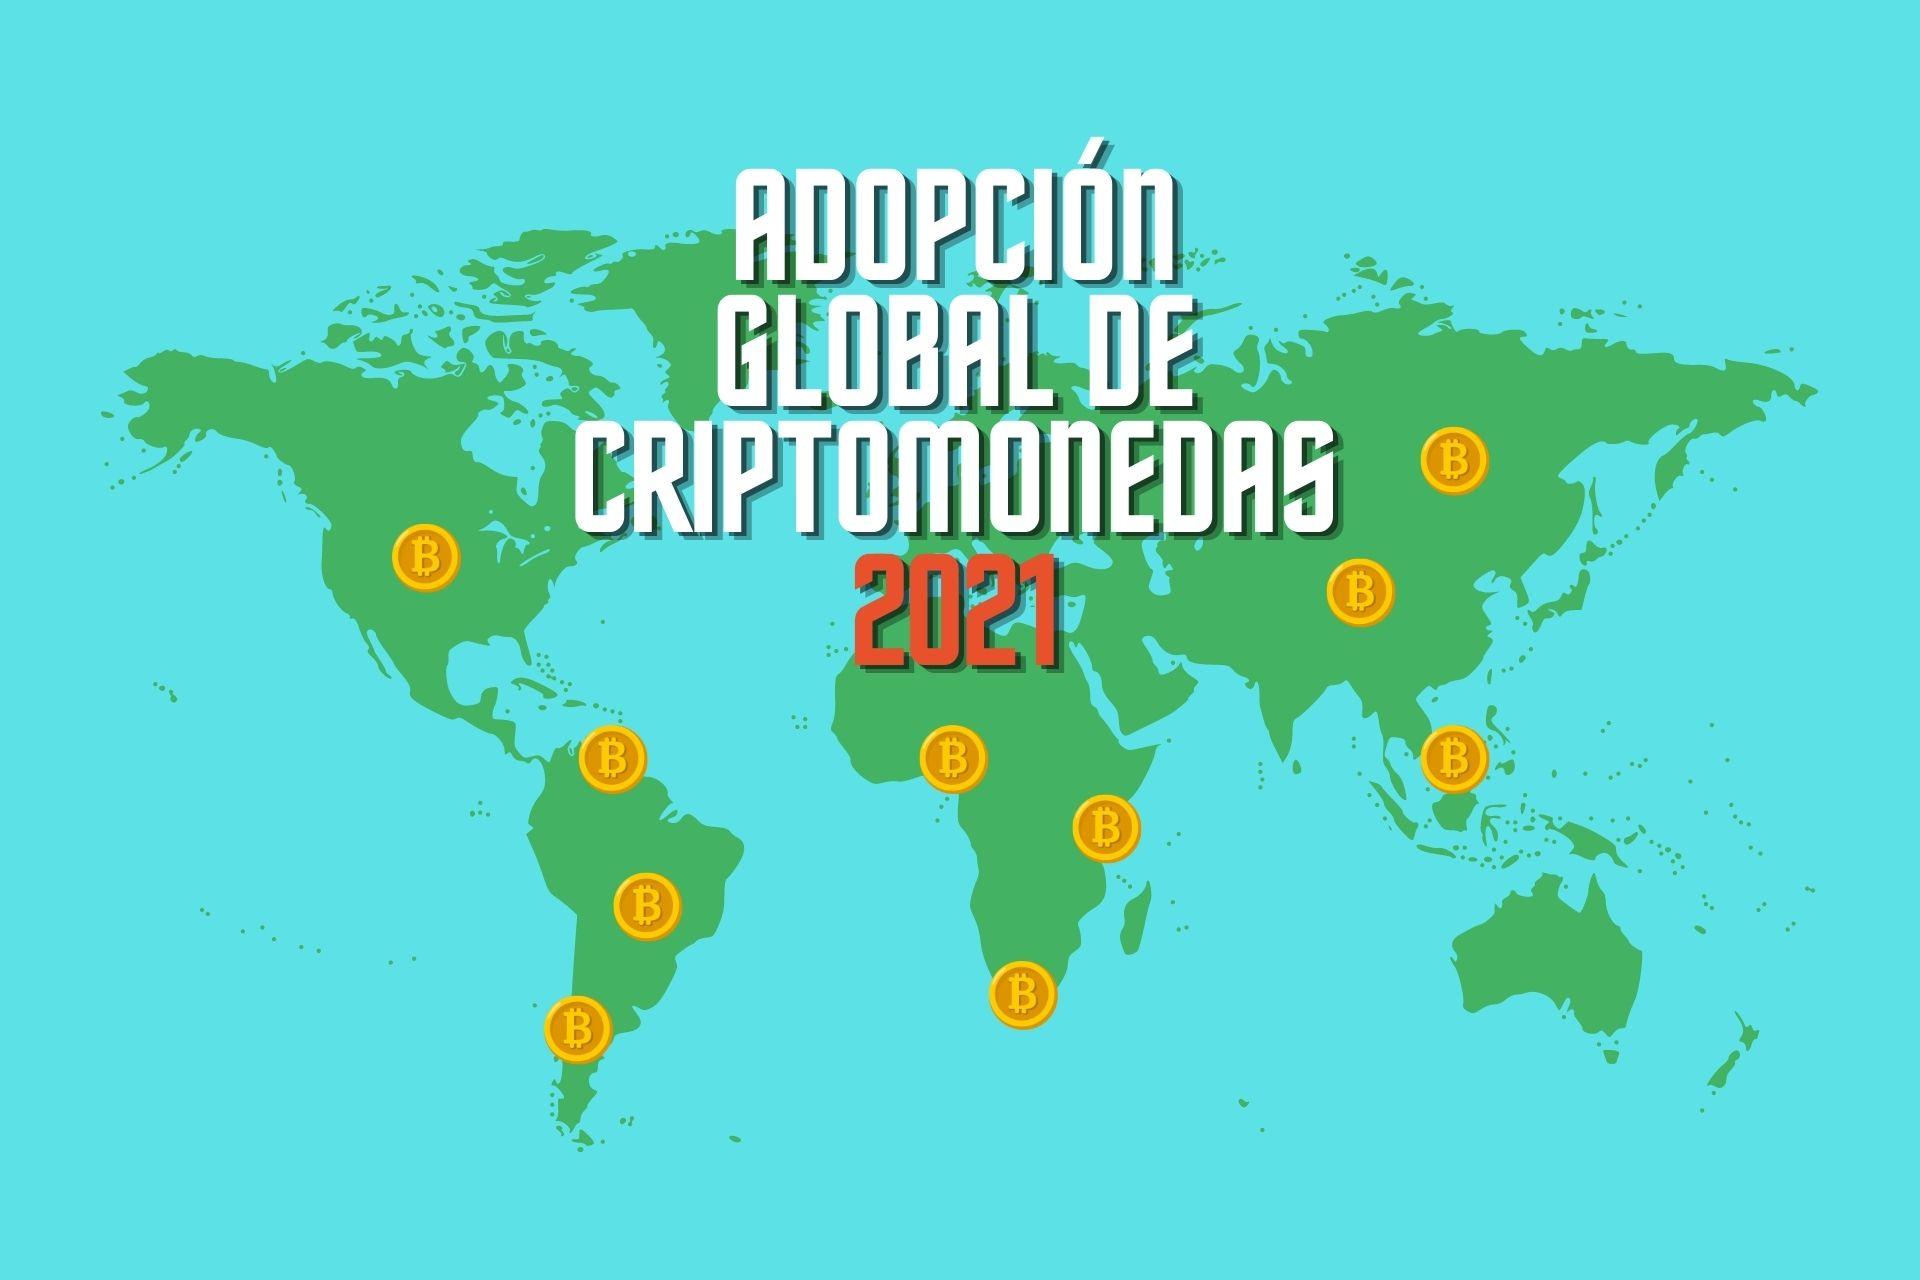 Economías emergentes como Vietnam e India impulsan el aumento de más de 800% en la adopción global de criptomonedas, con Argentina, Colombia y Venezuela en el TOP 20 de países adoptantes según Chainalysis